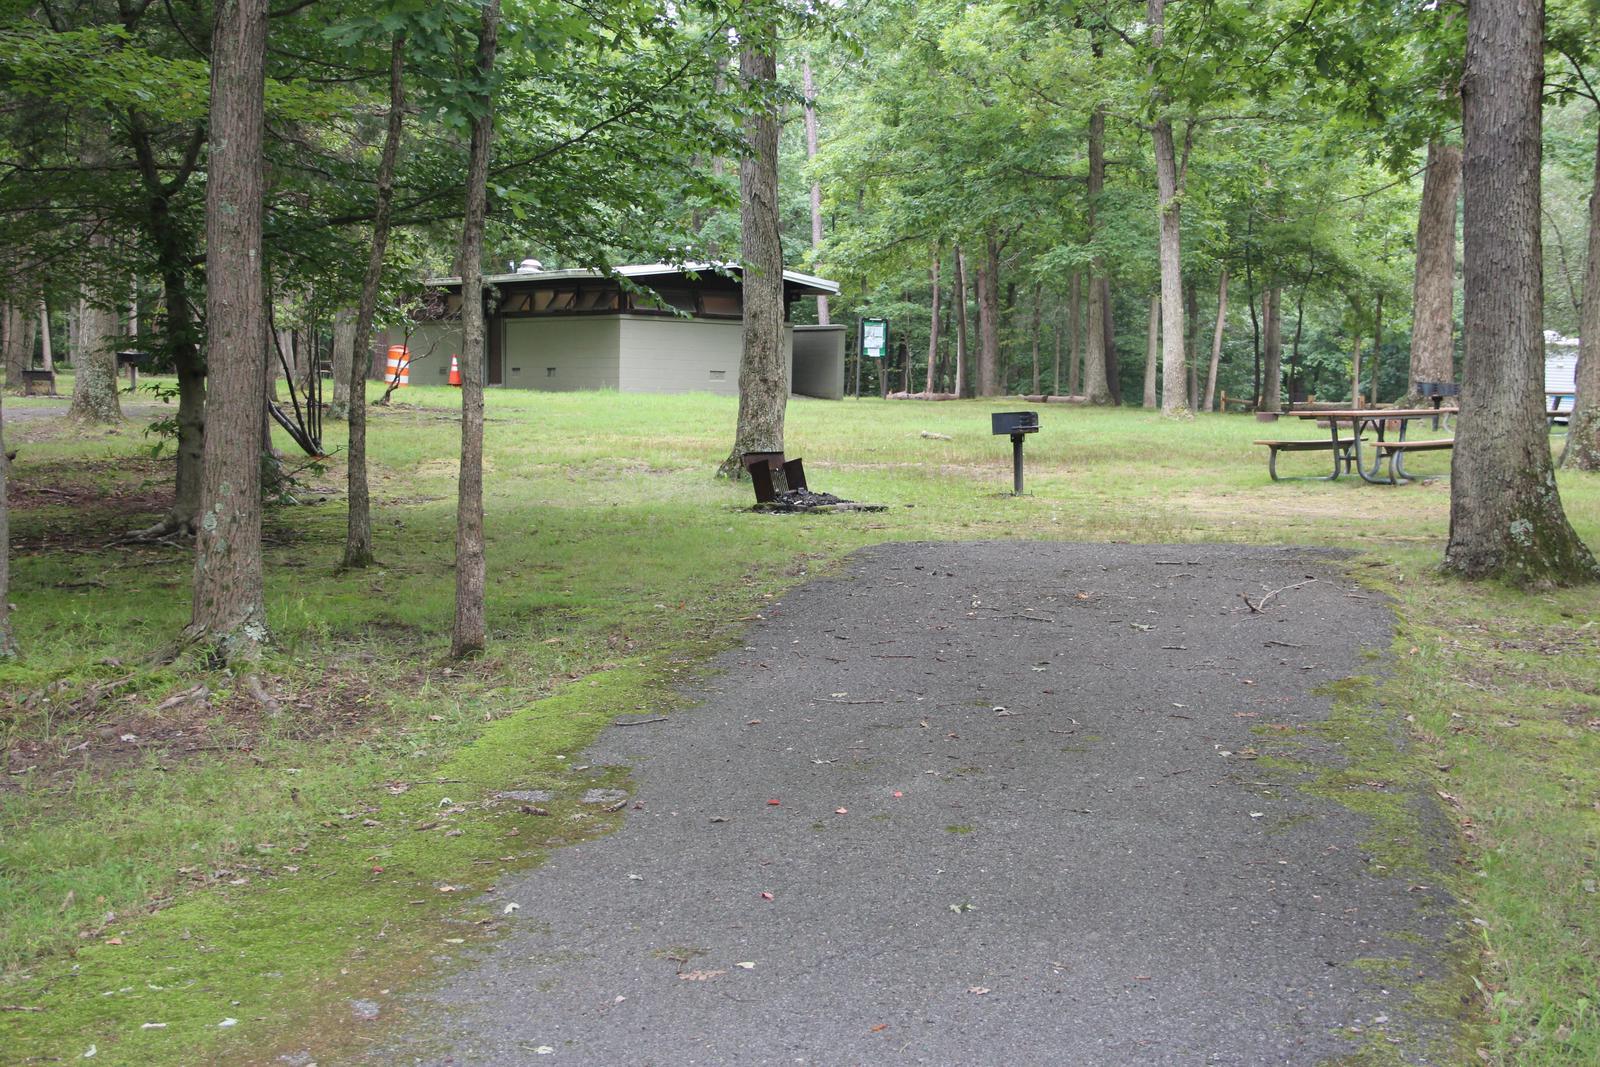 Greenbelt Park Campground Site 99